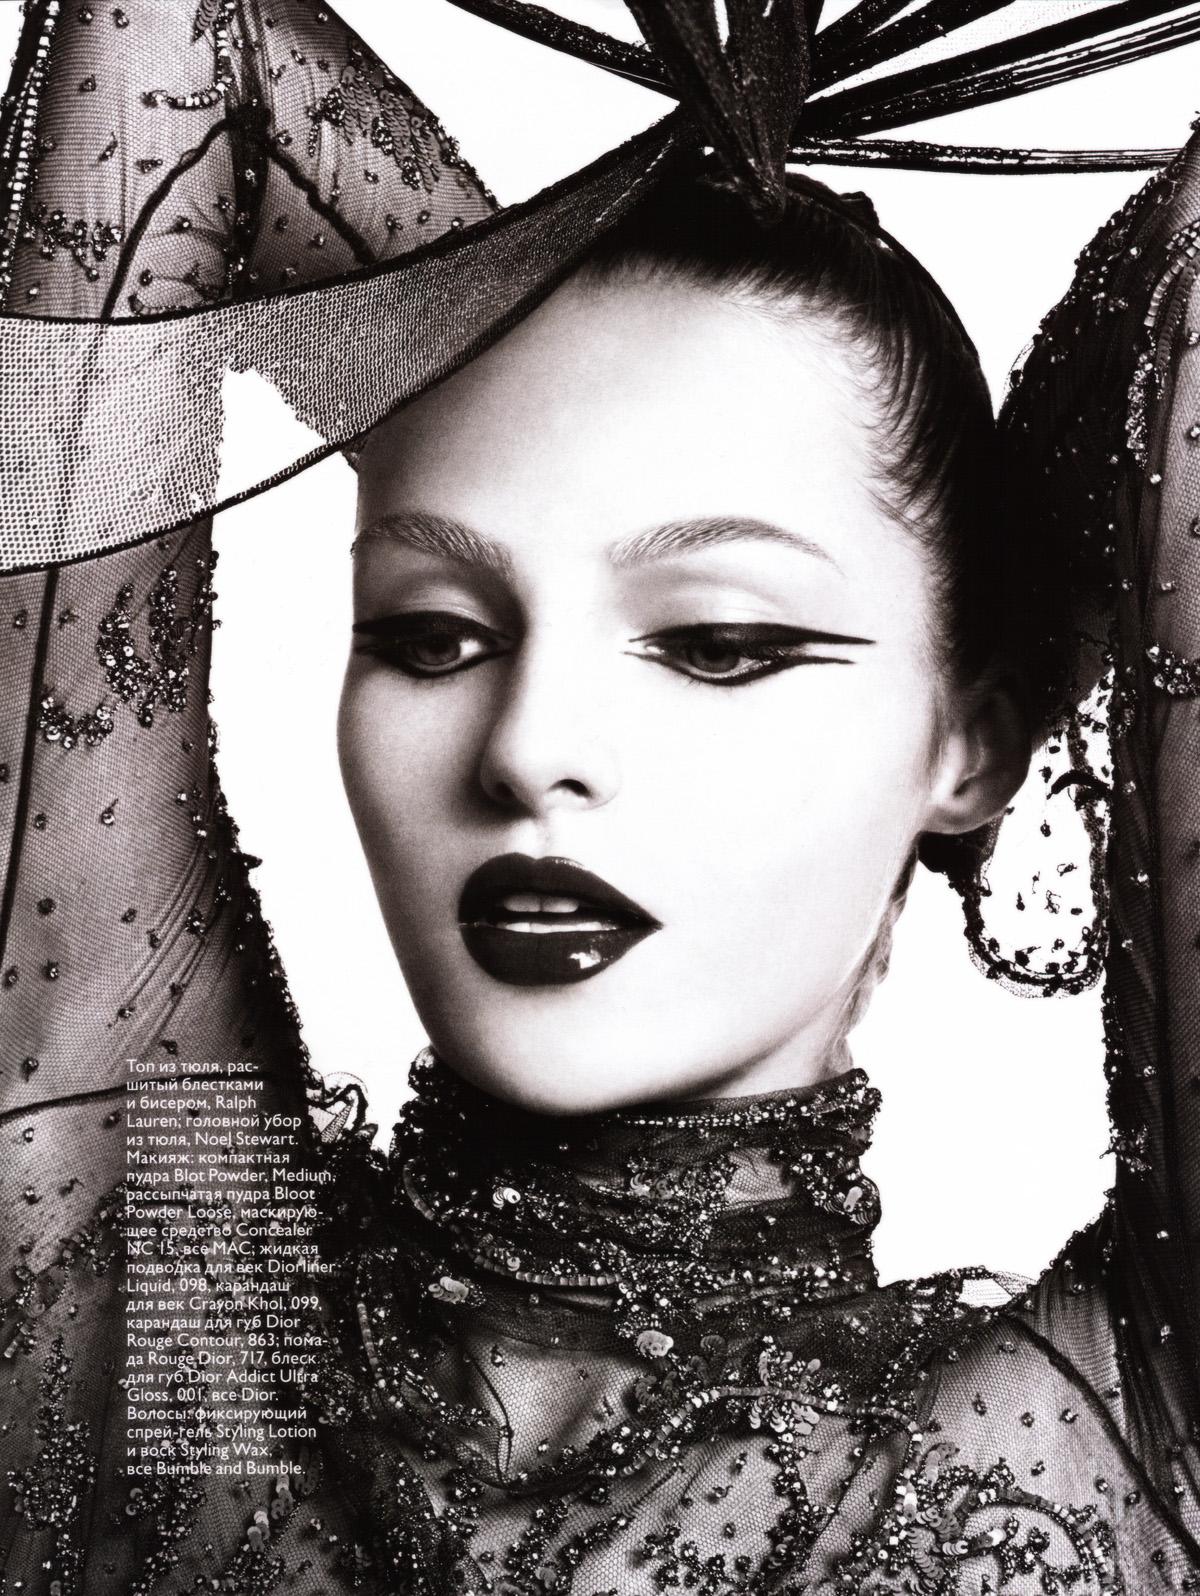 Valentina Zelyaeva photo 567 of 608 pics, wallpaper